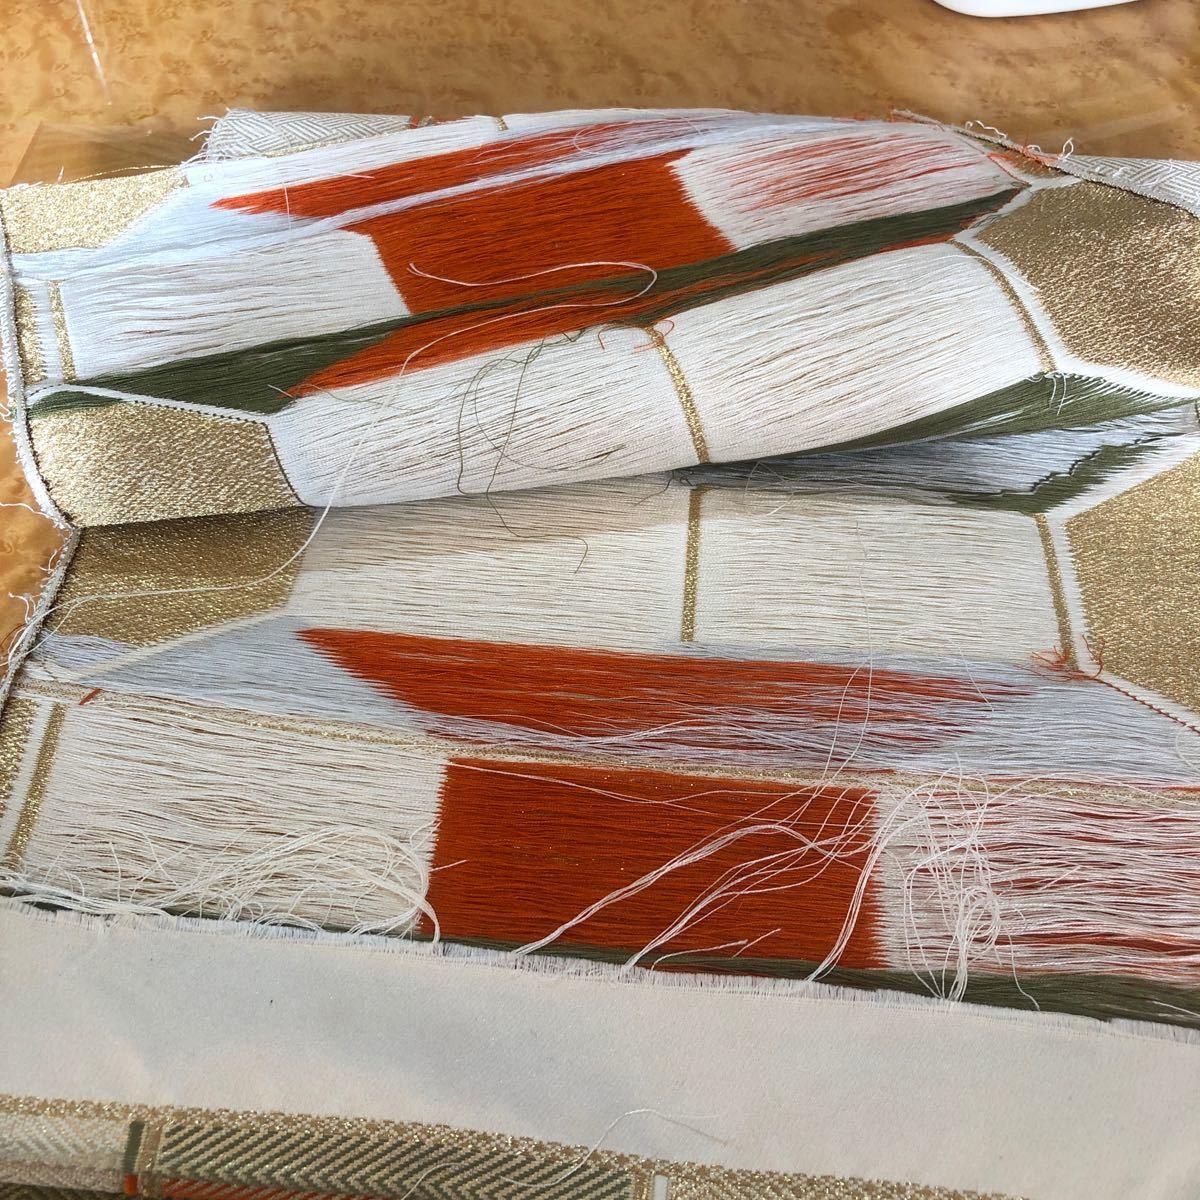 正絹帯ほどき  亀甲 菱形 赤 みどり はぎれ  帯地 吊るし飾り 着物リメイク ランチョンマット 和装バック タペストリー